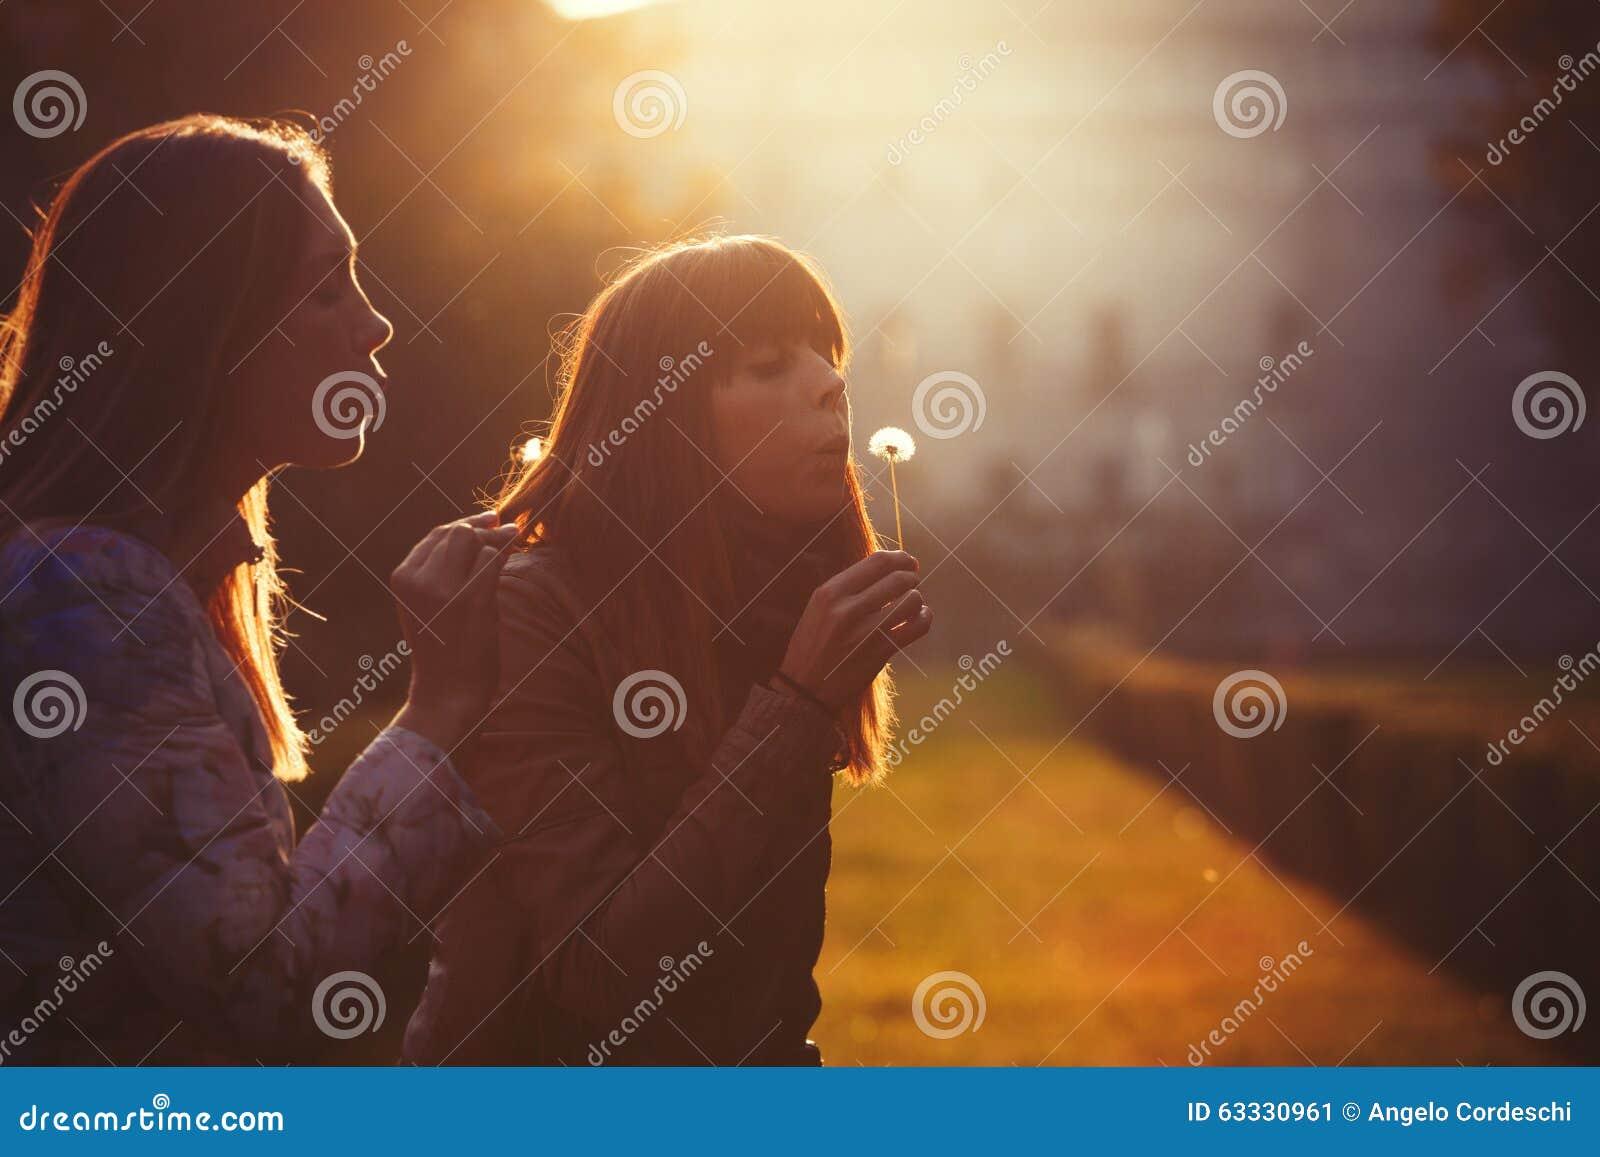 Свобода и надежда женщин Природа и сработанность романтичный заход солнца